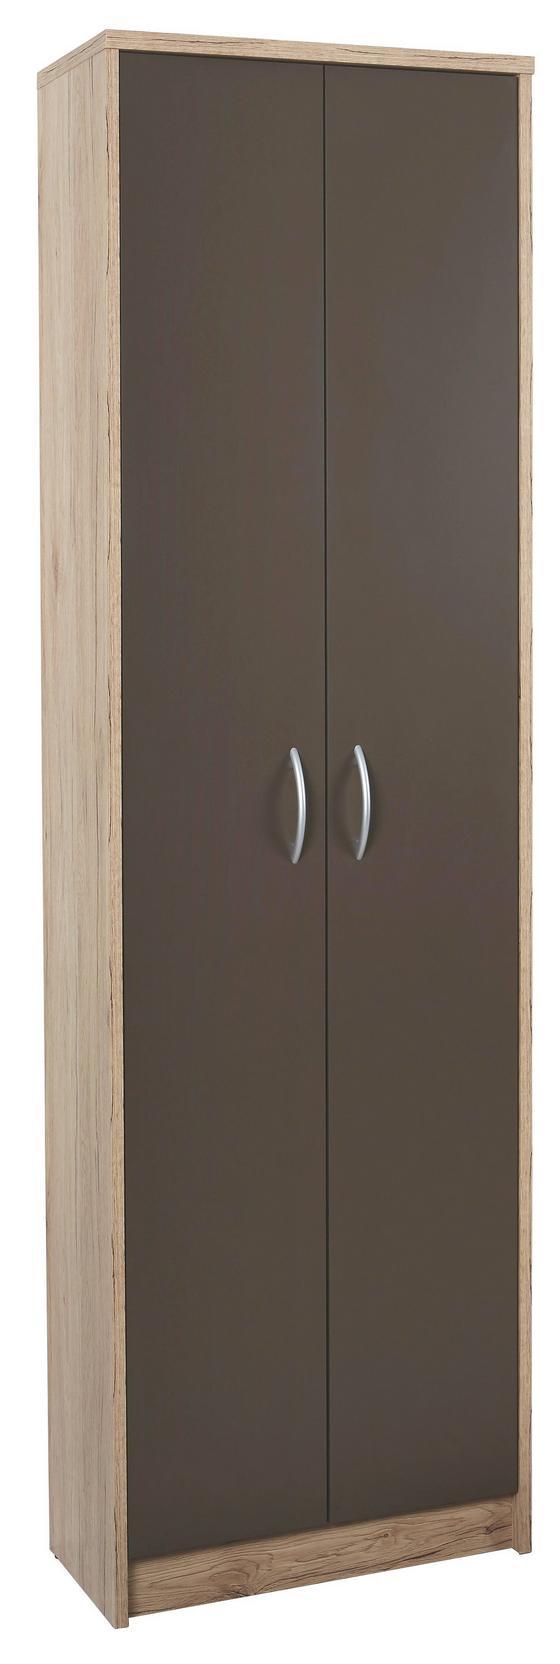 Kleiderschrank Iza B:55cm San Remo Hell Dekor - Eichefarben/Braun, KONVENTIONELL, Holzwerkstoff (55/190/26cm)